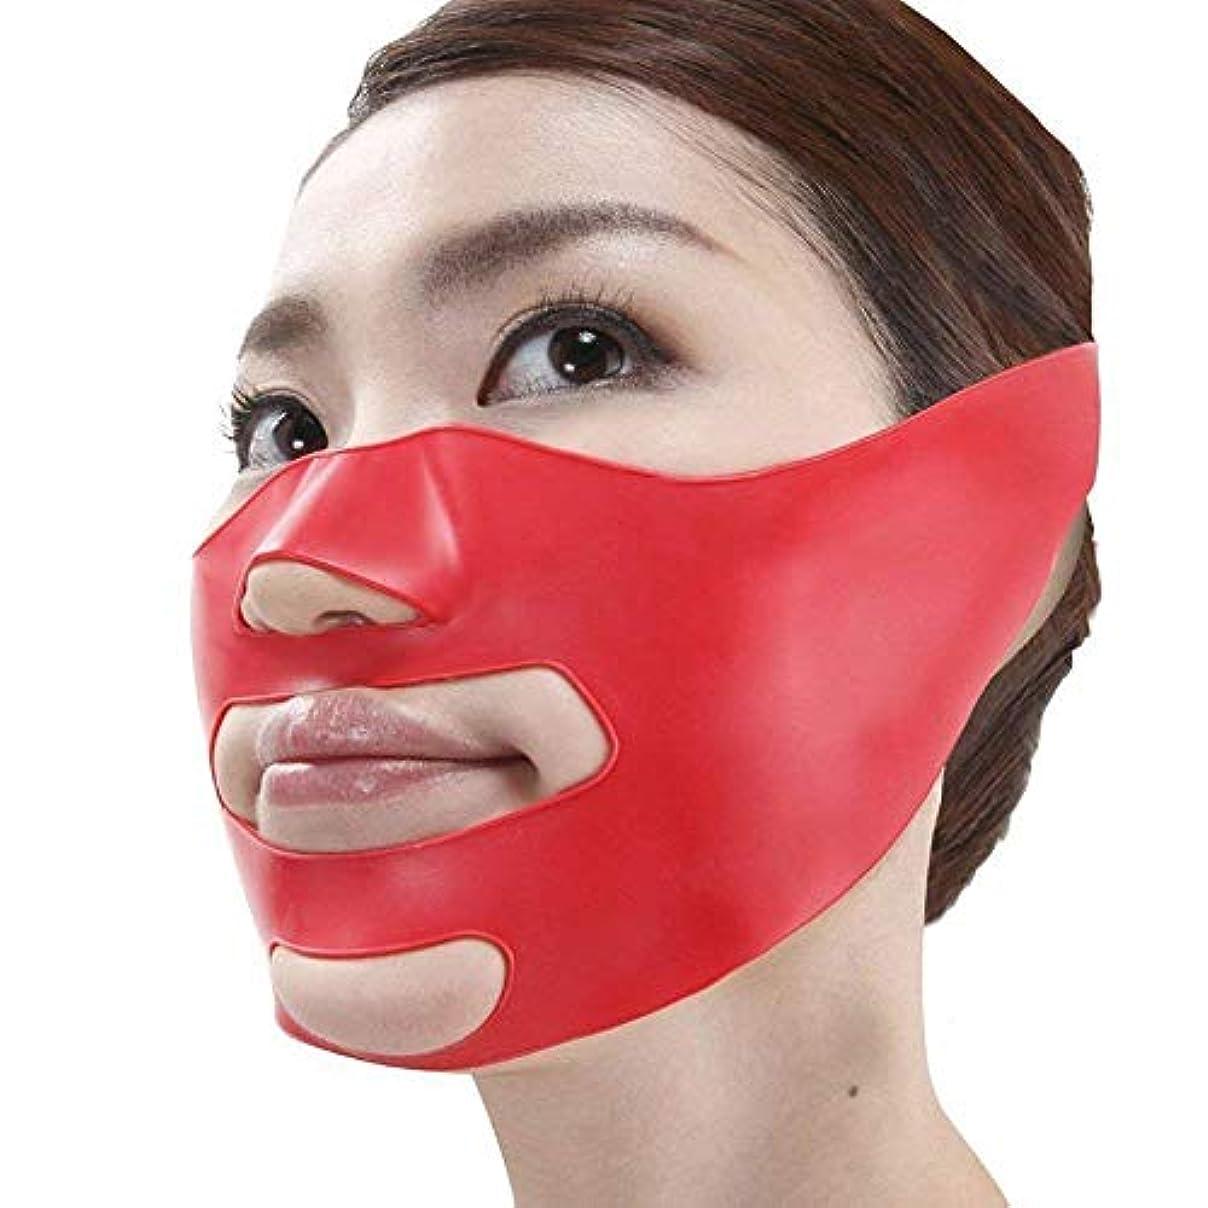 印をつける句アクセル小顔矯正 マスク 小顔補正ベルト ほうれい線 リフトスリムマスク 3Dエクササイズマスク 法令線予防 抗シワ サウナマスク 美容グッ (フリーサイズ)